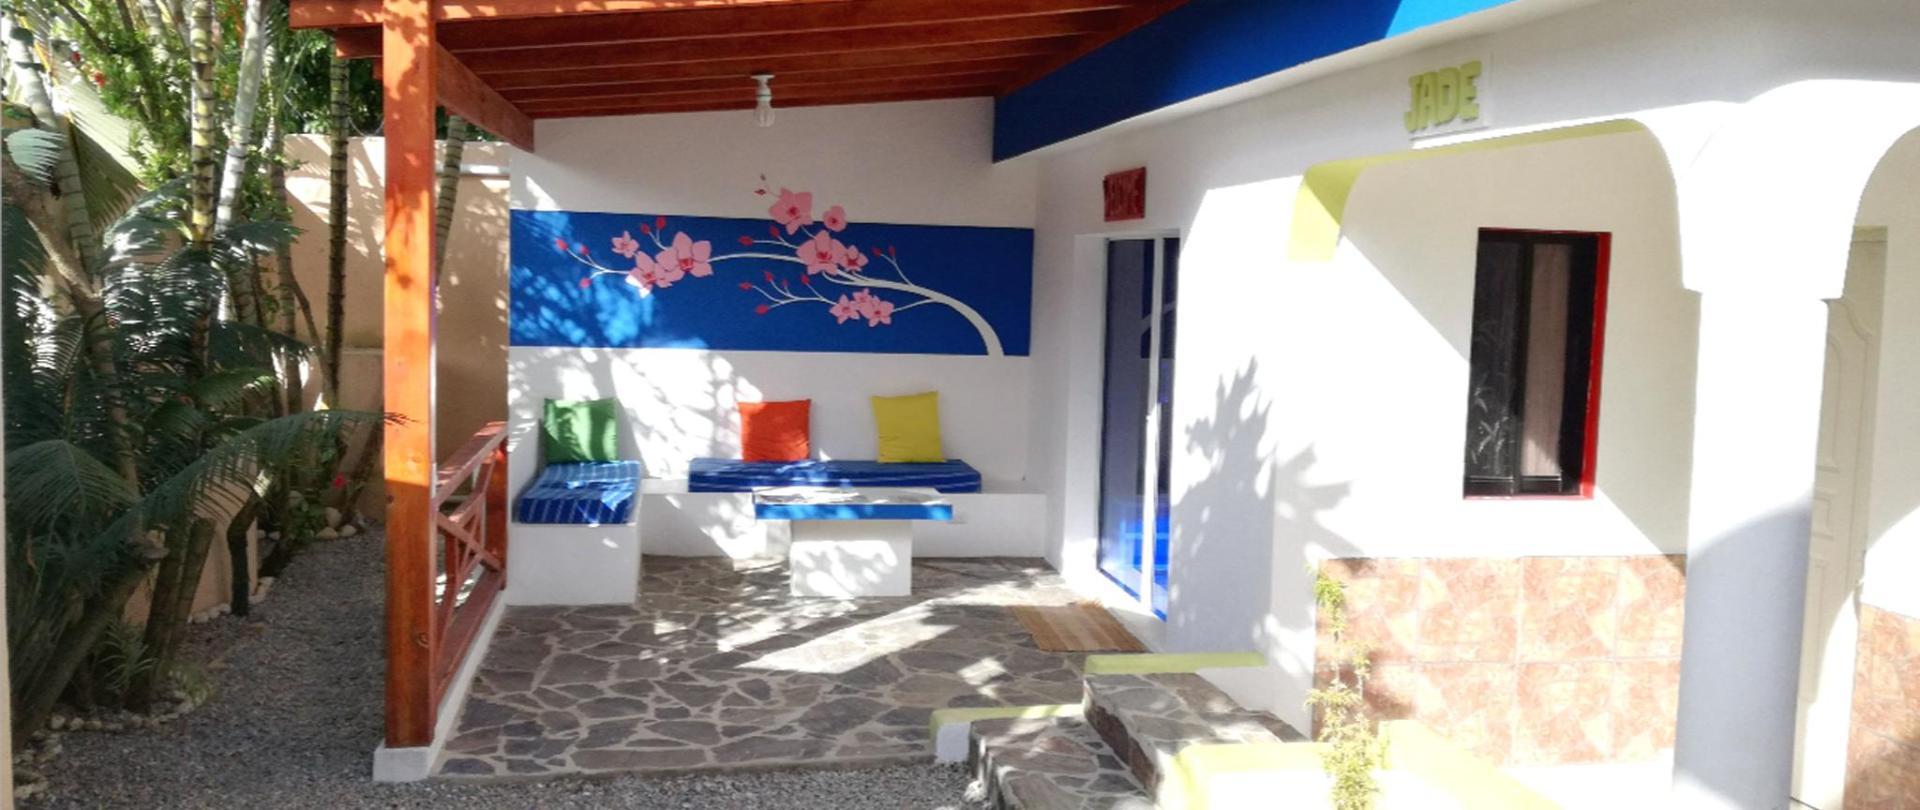 House Jardin Del Caribe - Las Terrenas - Dominikanische Republik